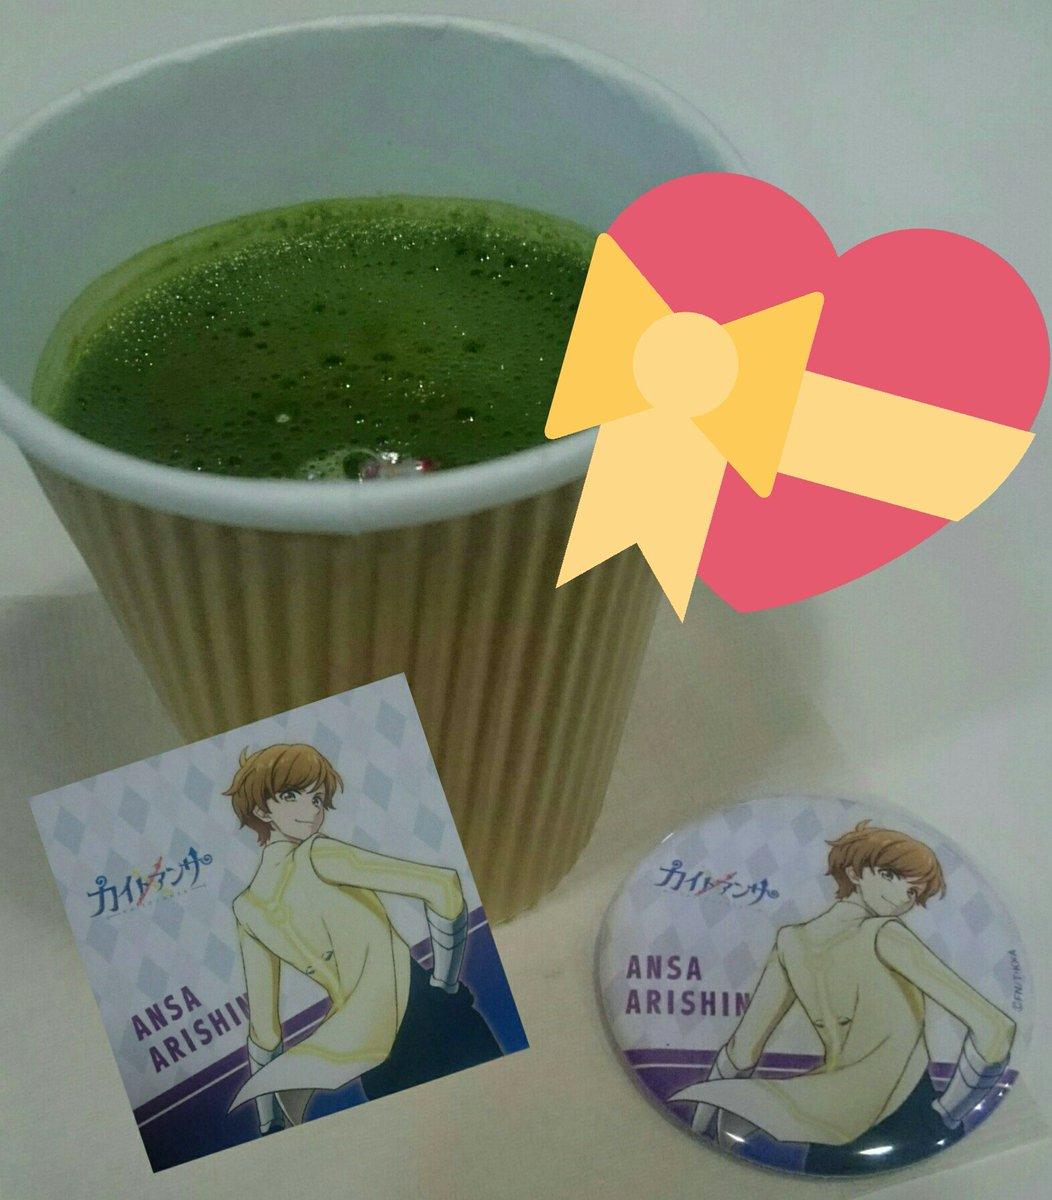 杏茶誕生日おめでとう!買ったらこないかな?って言ってたら来てくれた!ありがとう笑#有進杏茶 #生誕祭 #カイトアンサ